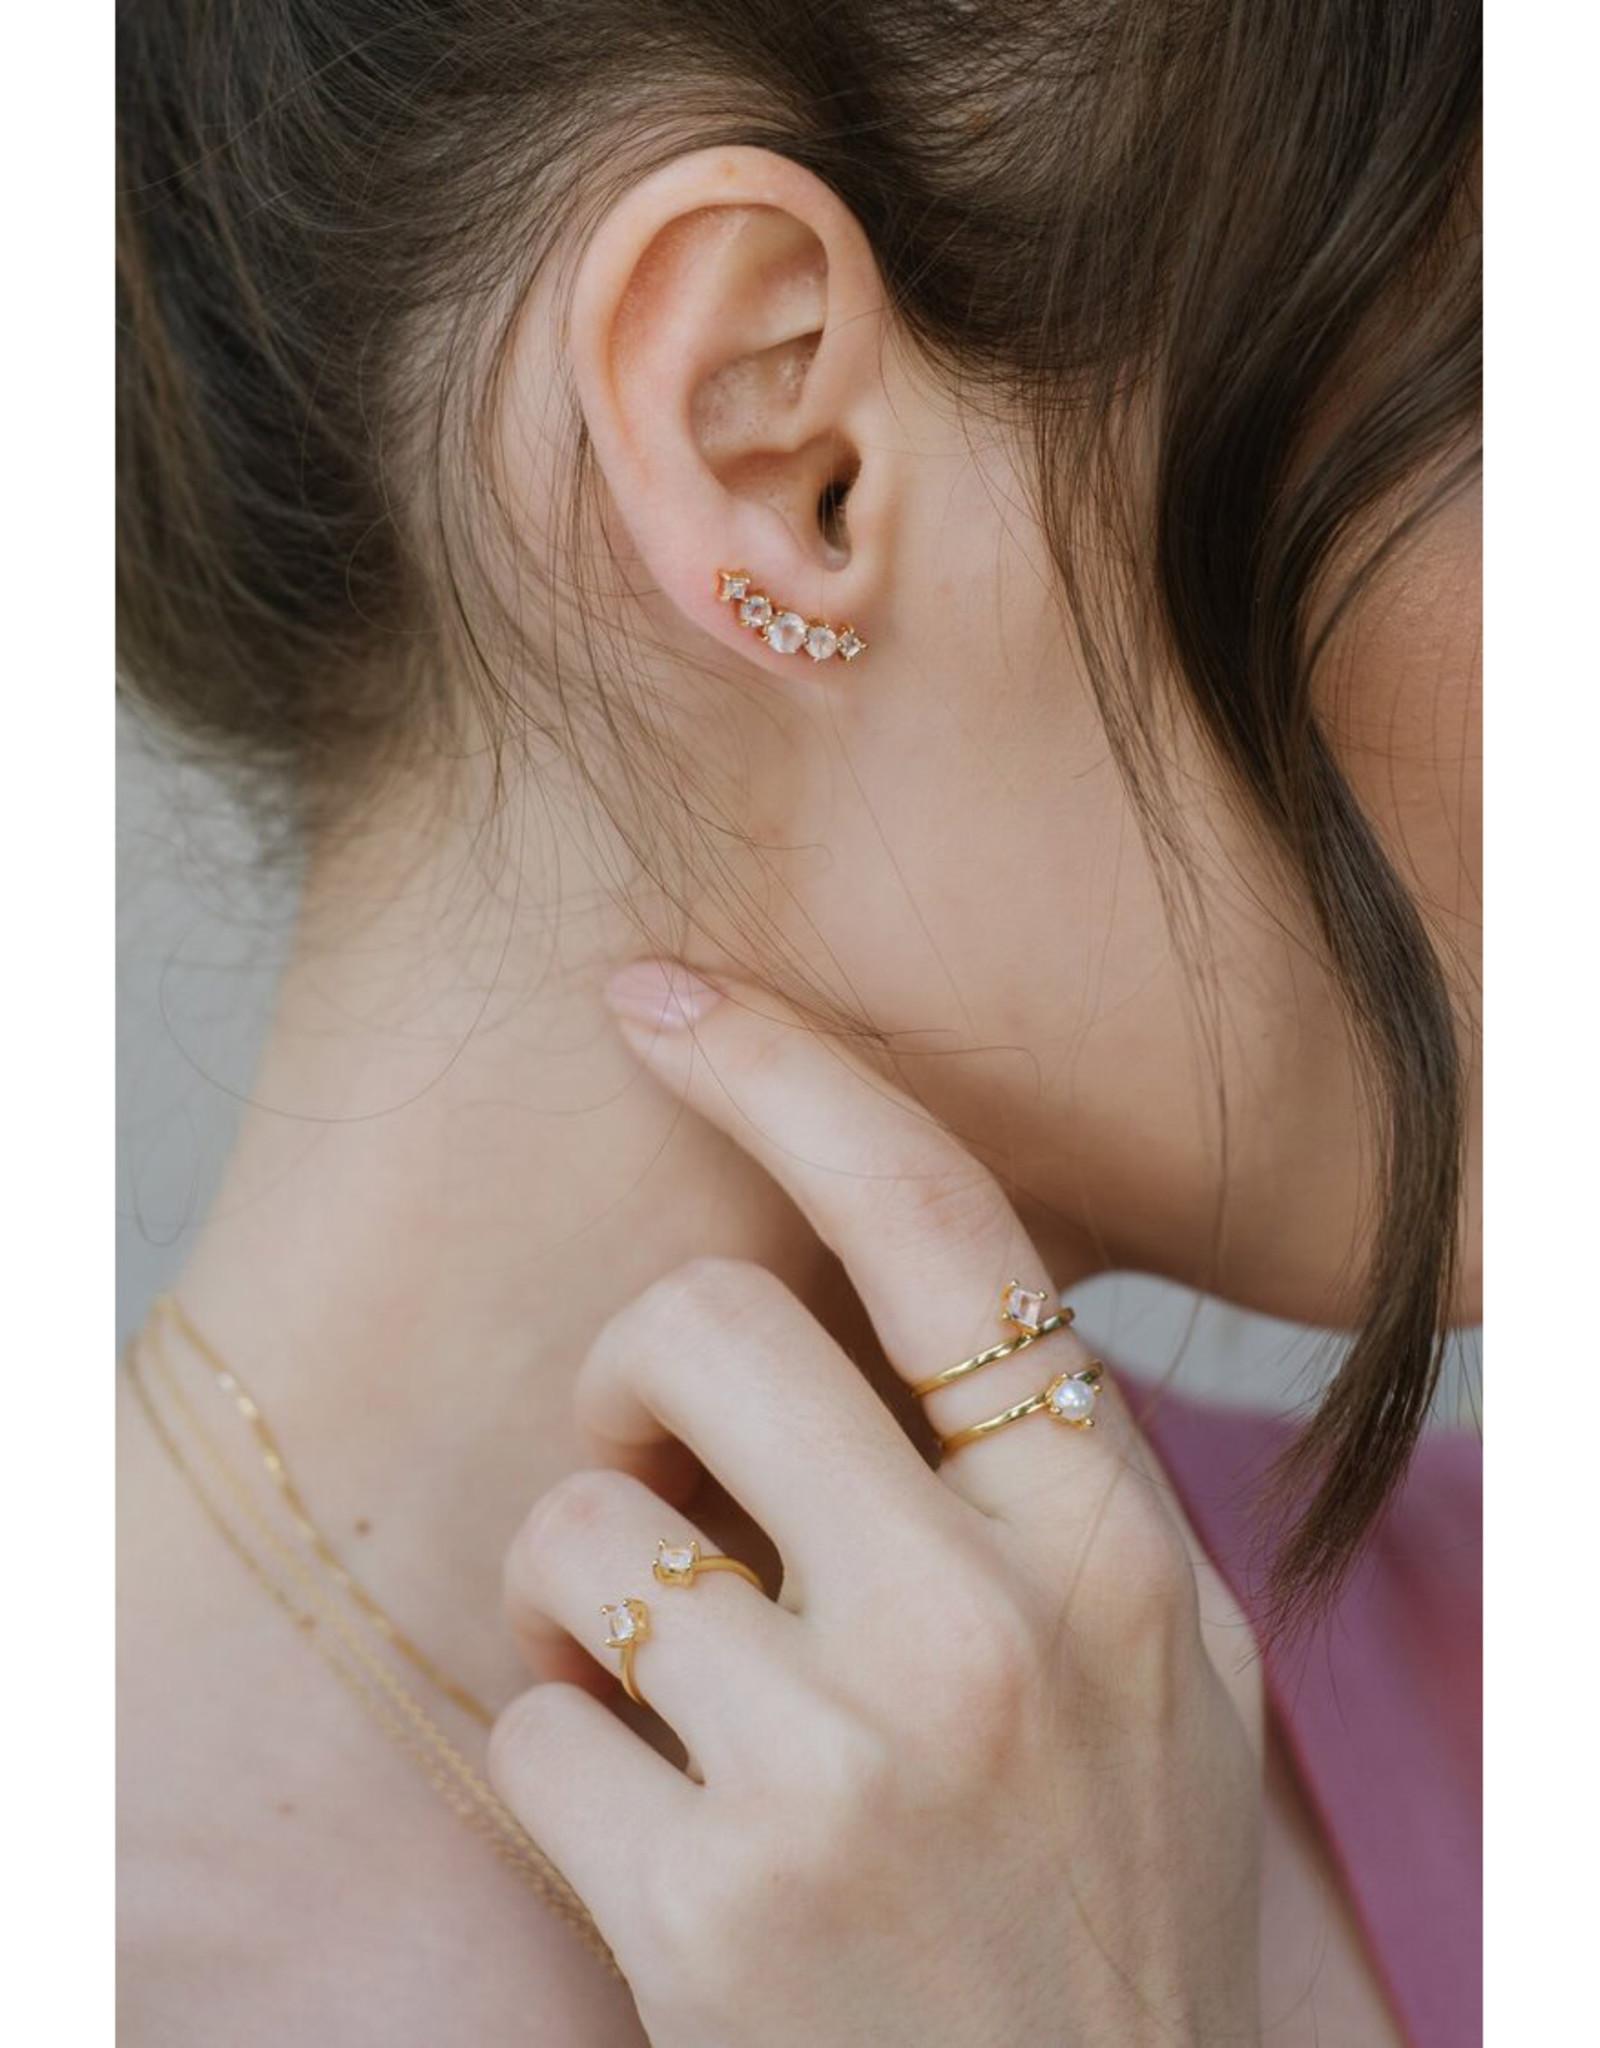 Sarah Mulder Jewelry Gold Cassie Ring - Rose Quartz + Pearl - 7